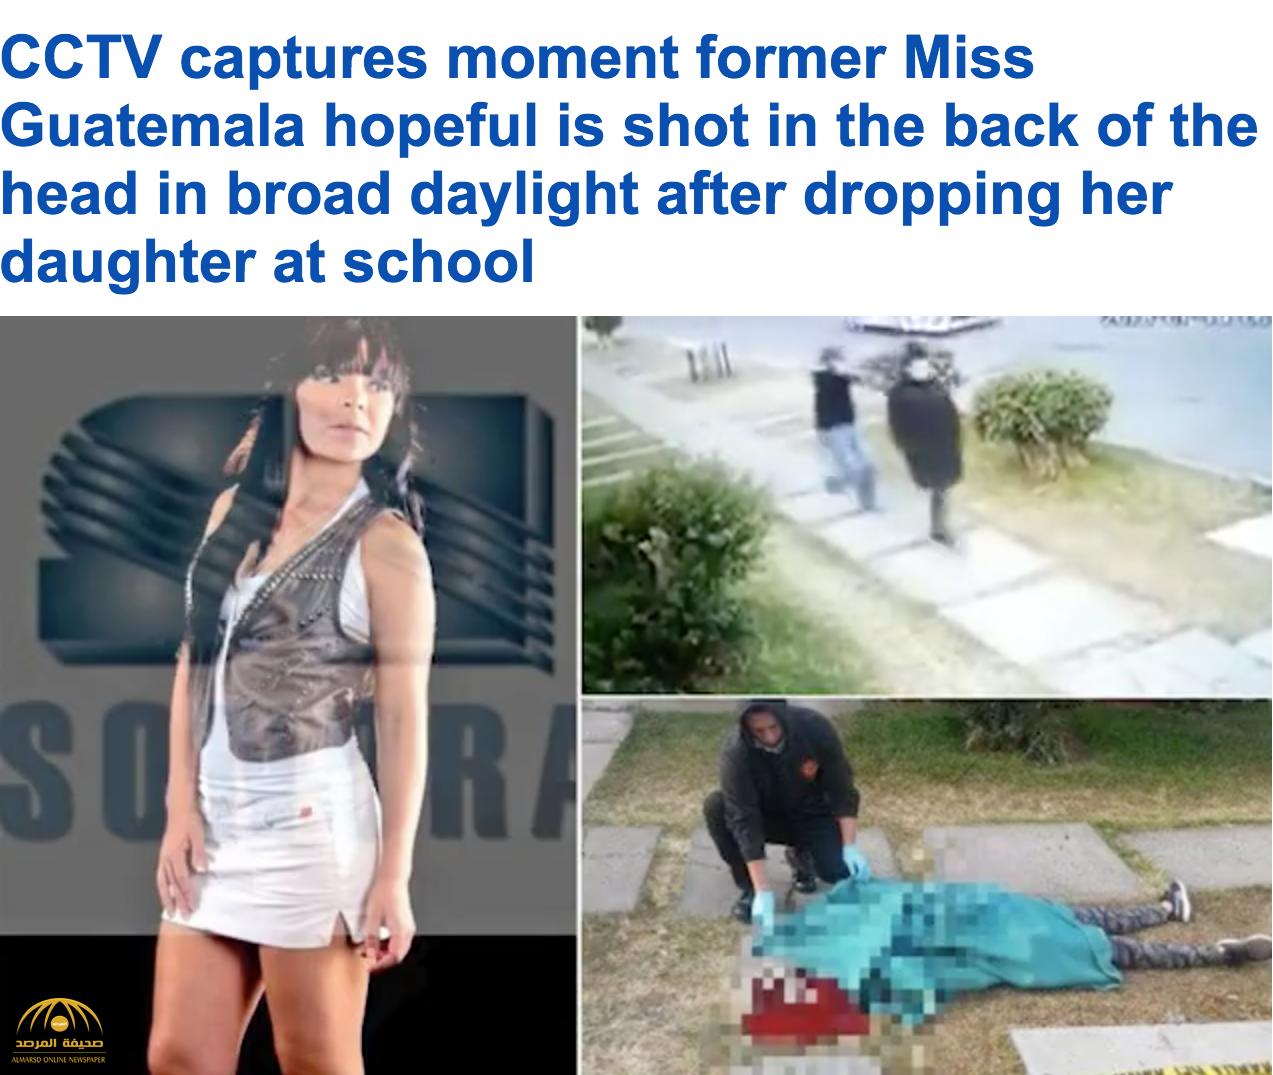 شاهد.. لحظة قتل ملكة جمال جواتيمالا بالشارع في وضح النهار